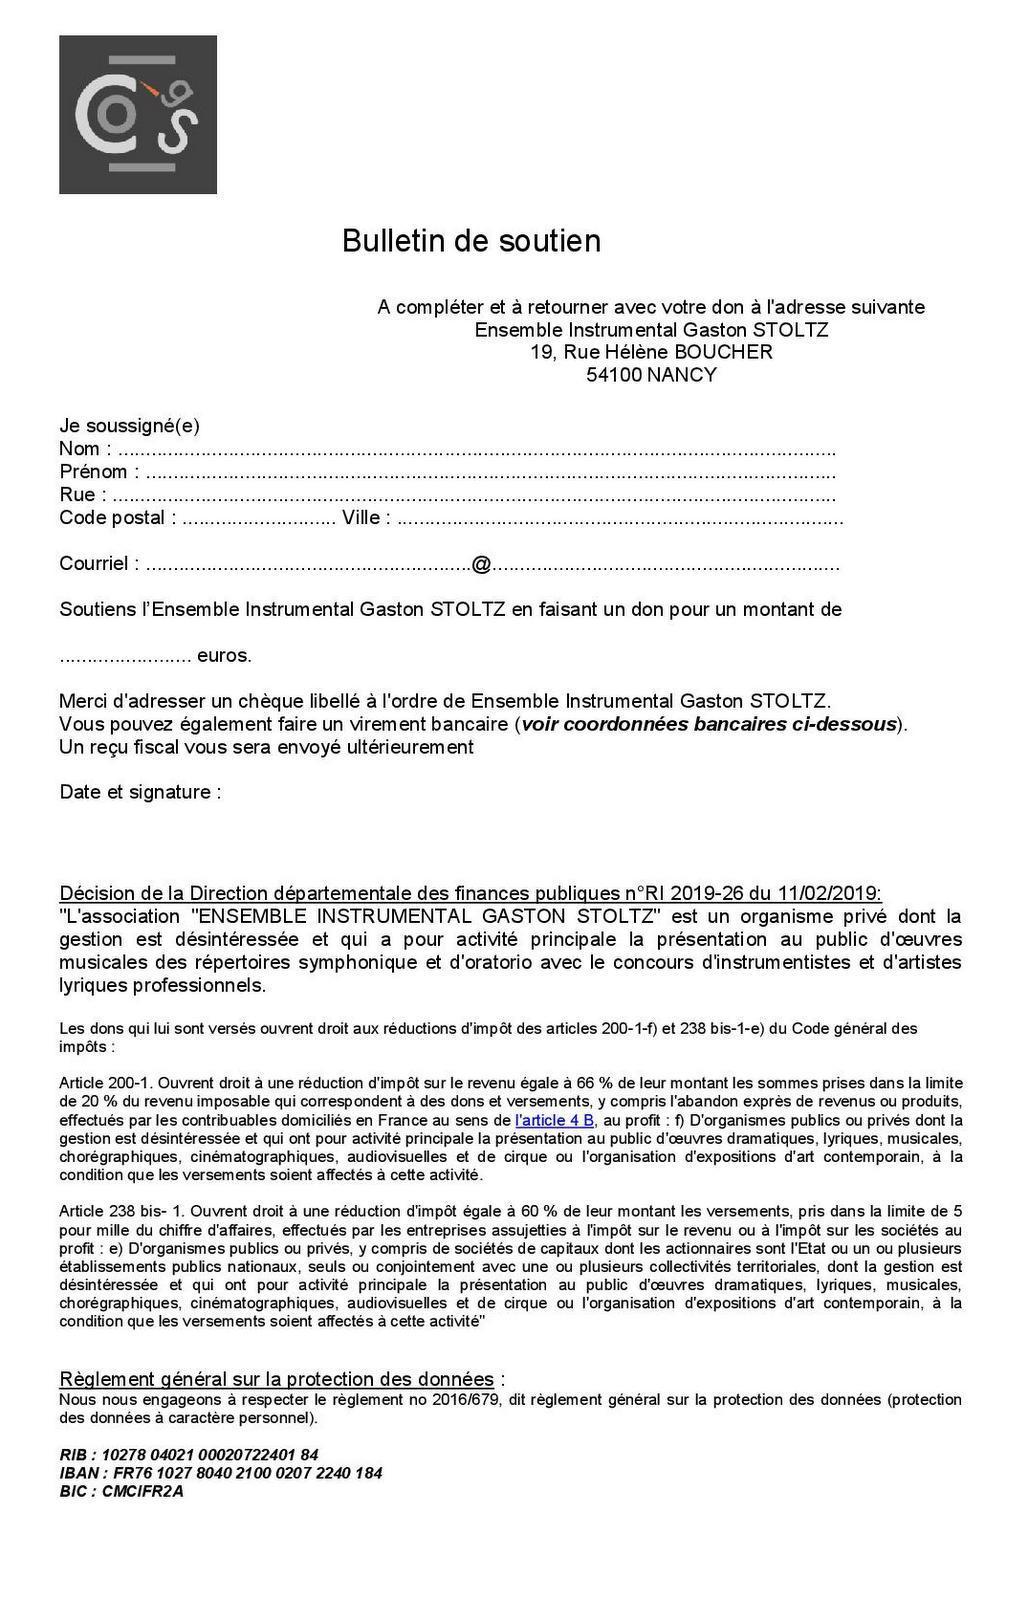 Bulletin de soutien ogs dec20